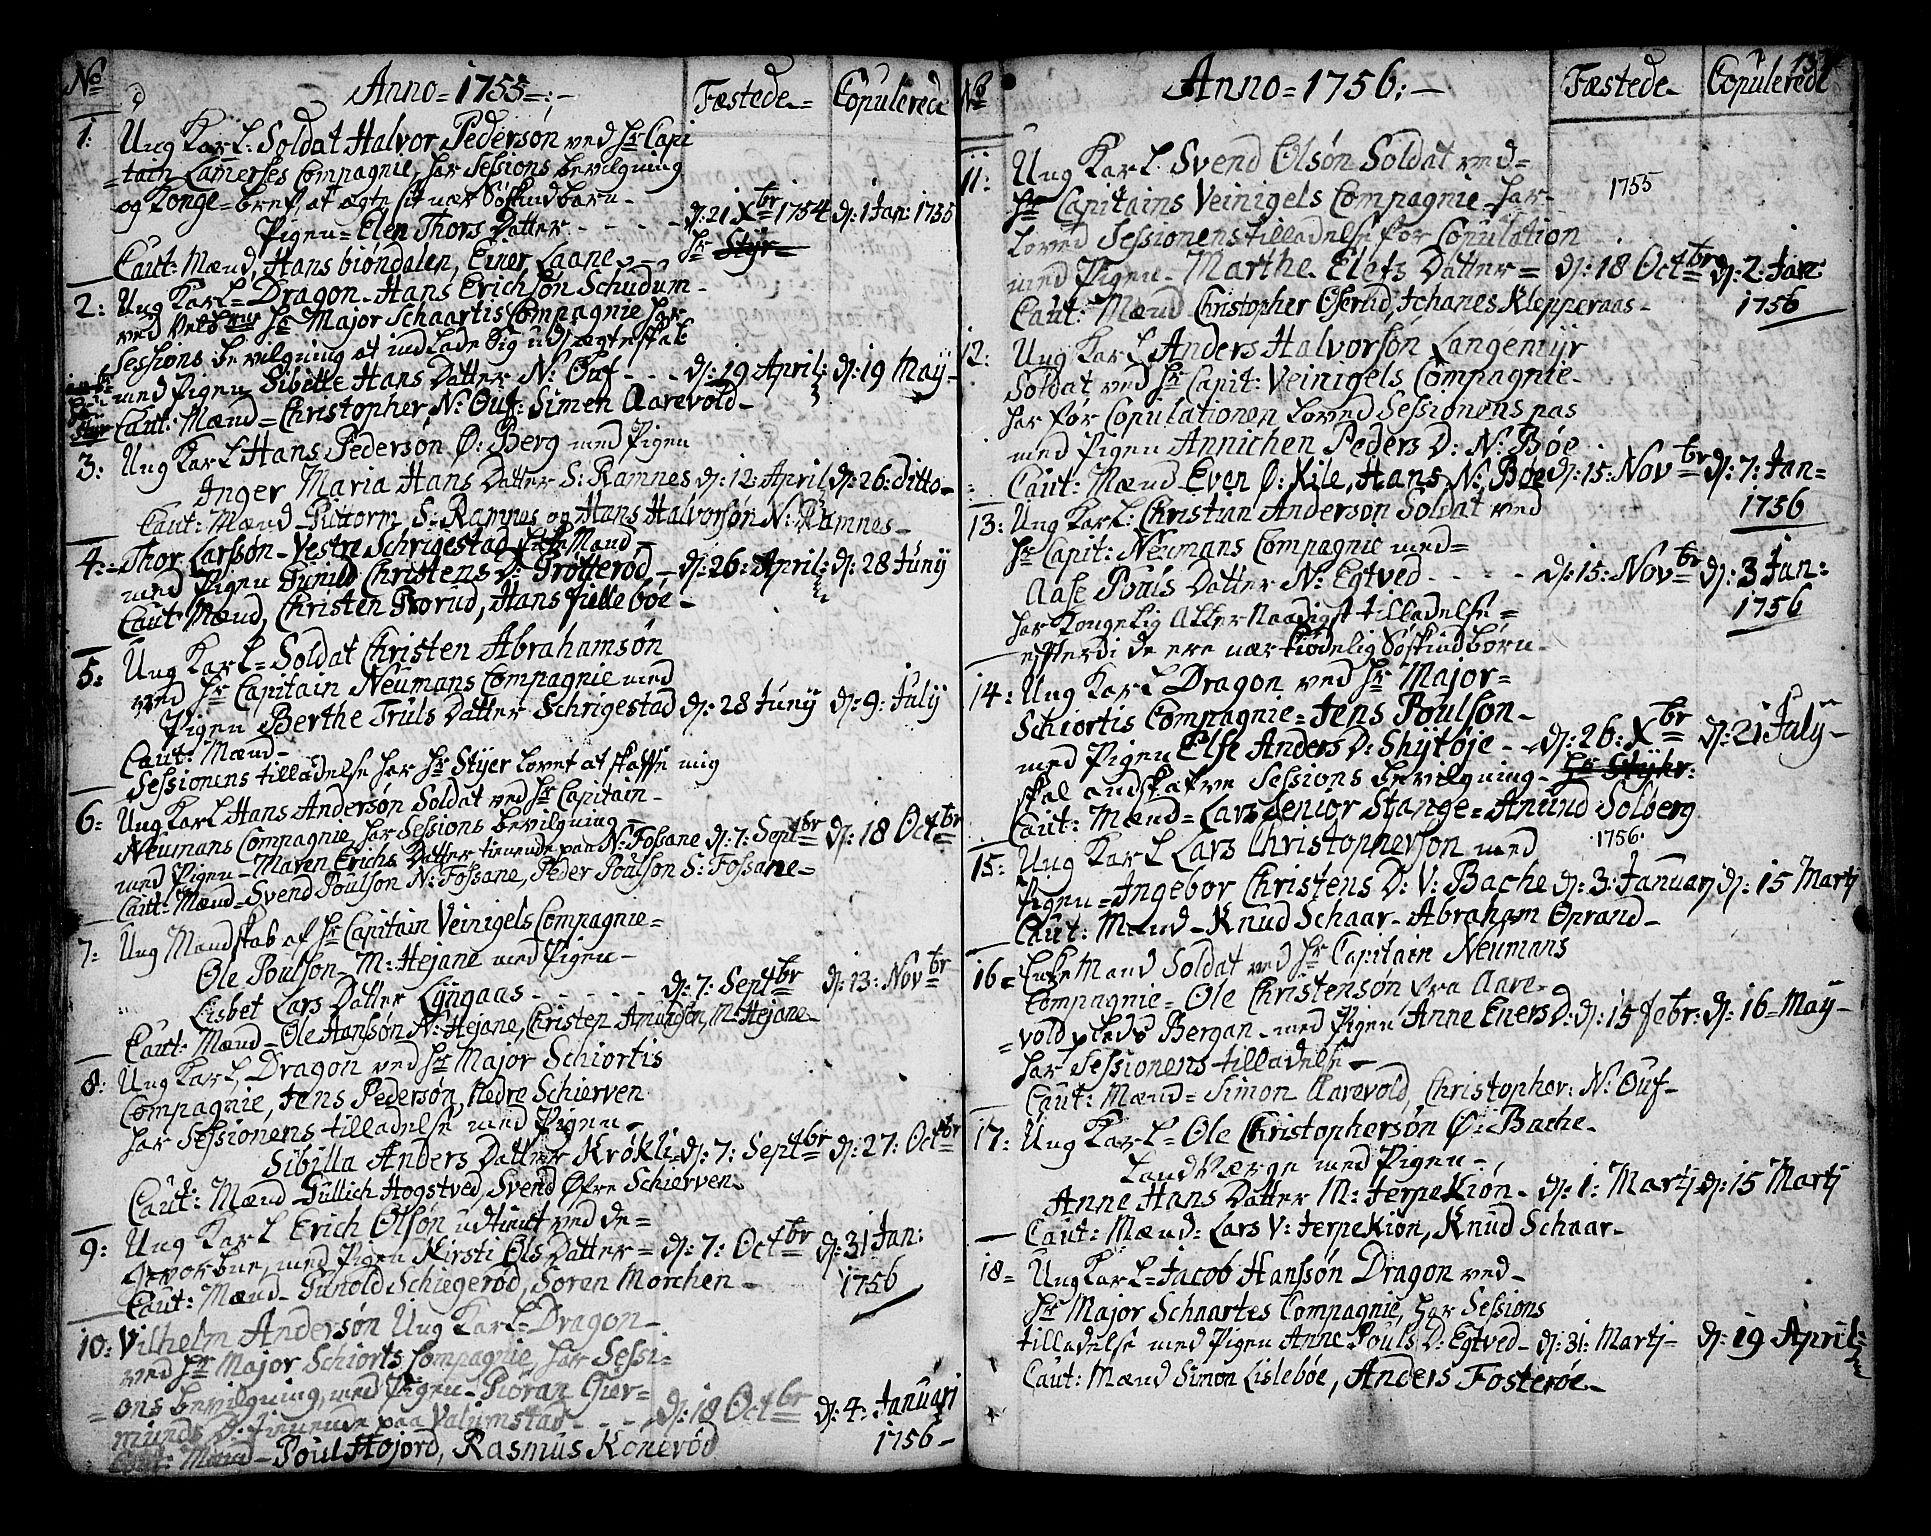 SAKO, Ramnes kirkebøker, F/Fa/L0001: Ministerialbok nr. I 1, 1732-1774, s. 154